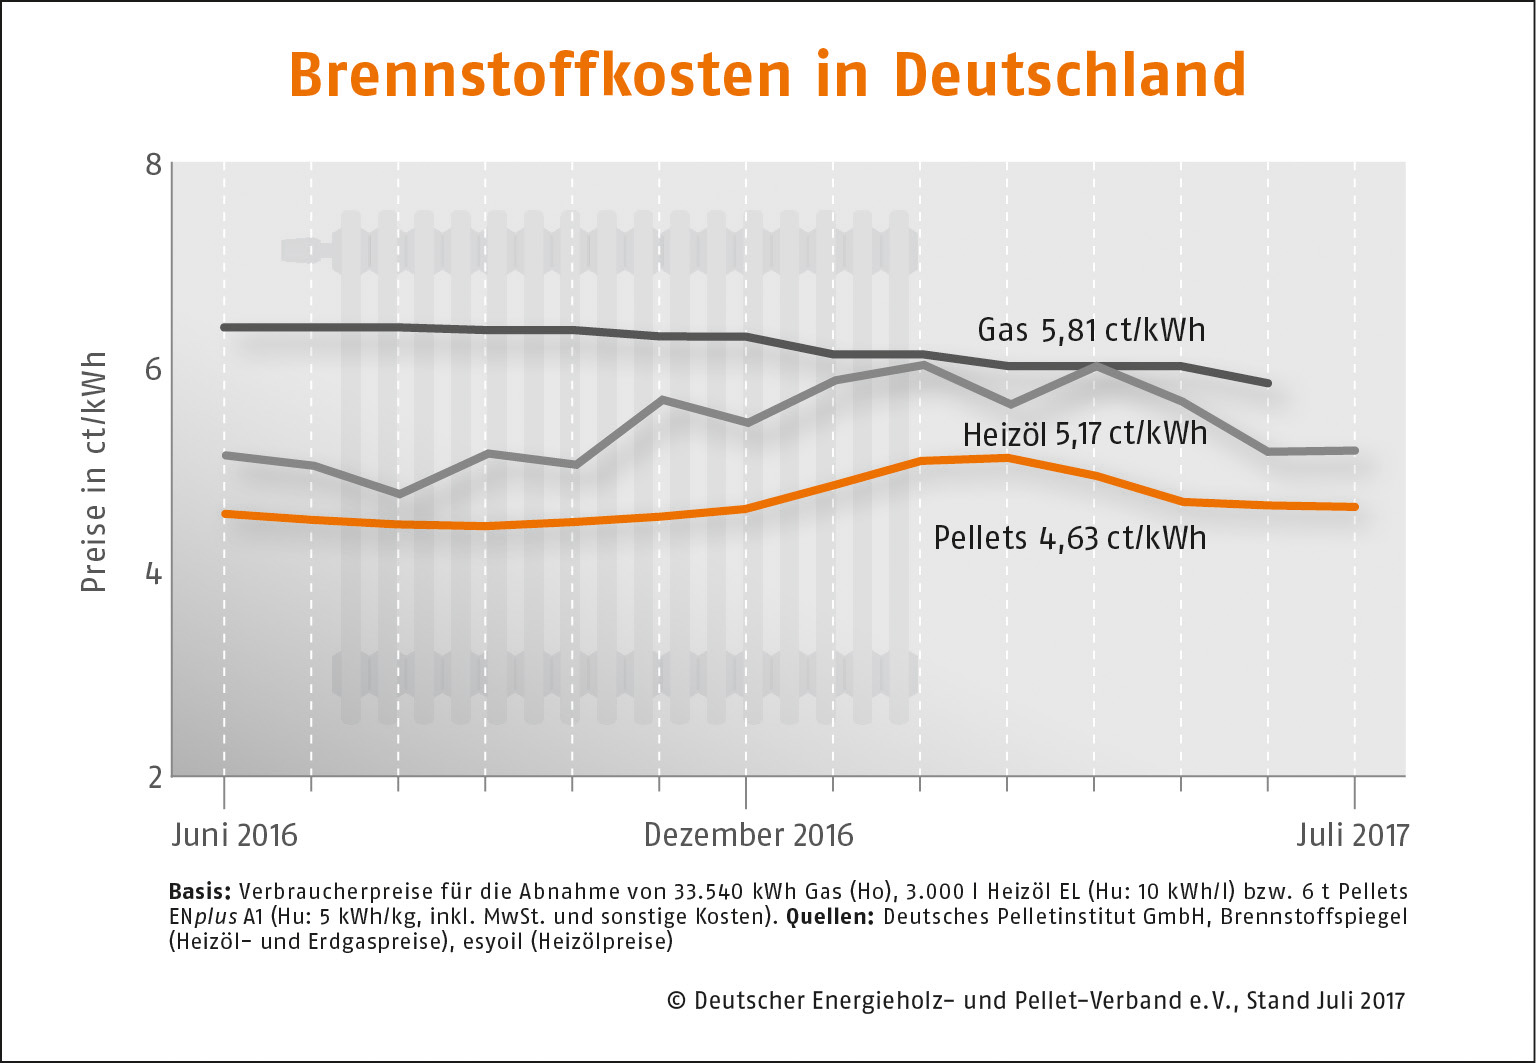 Brennstoffkosten DeutschlandJuli